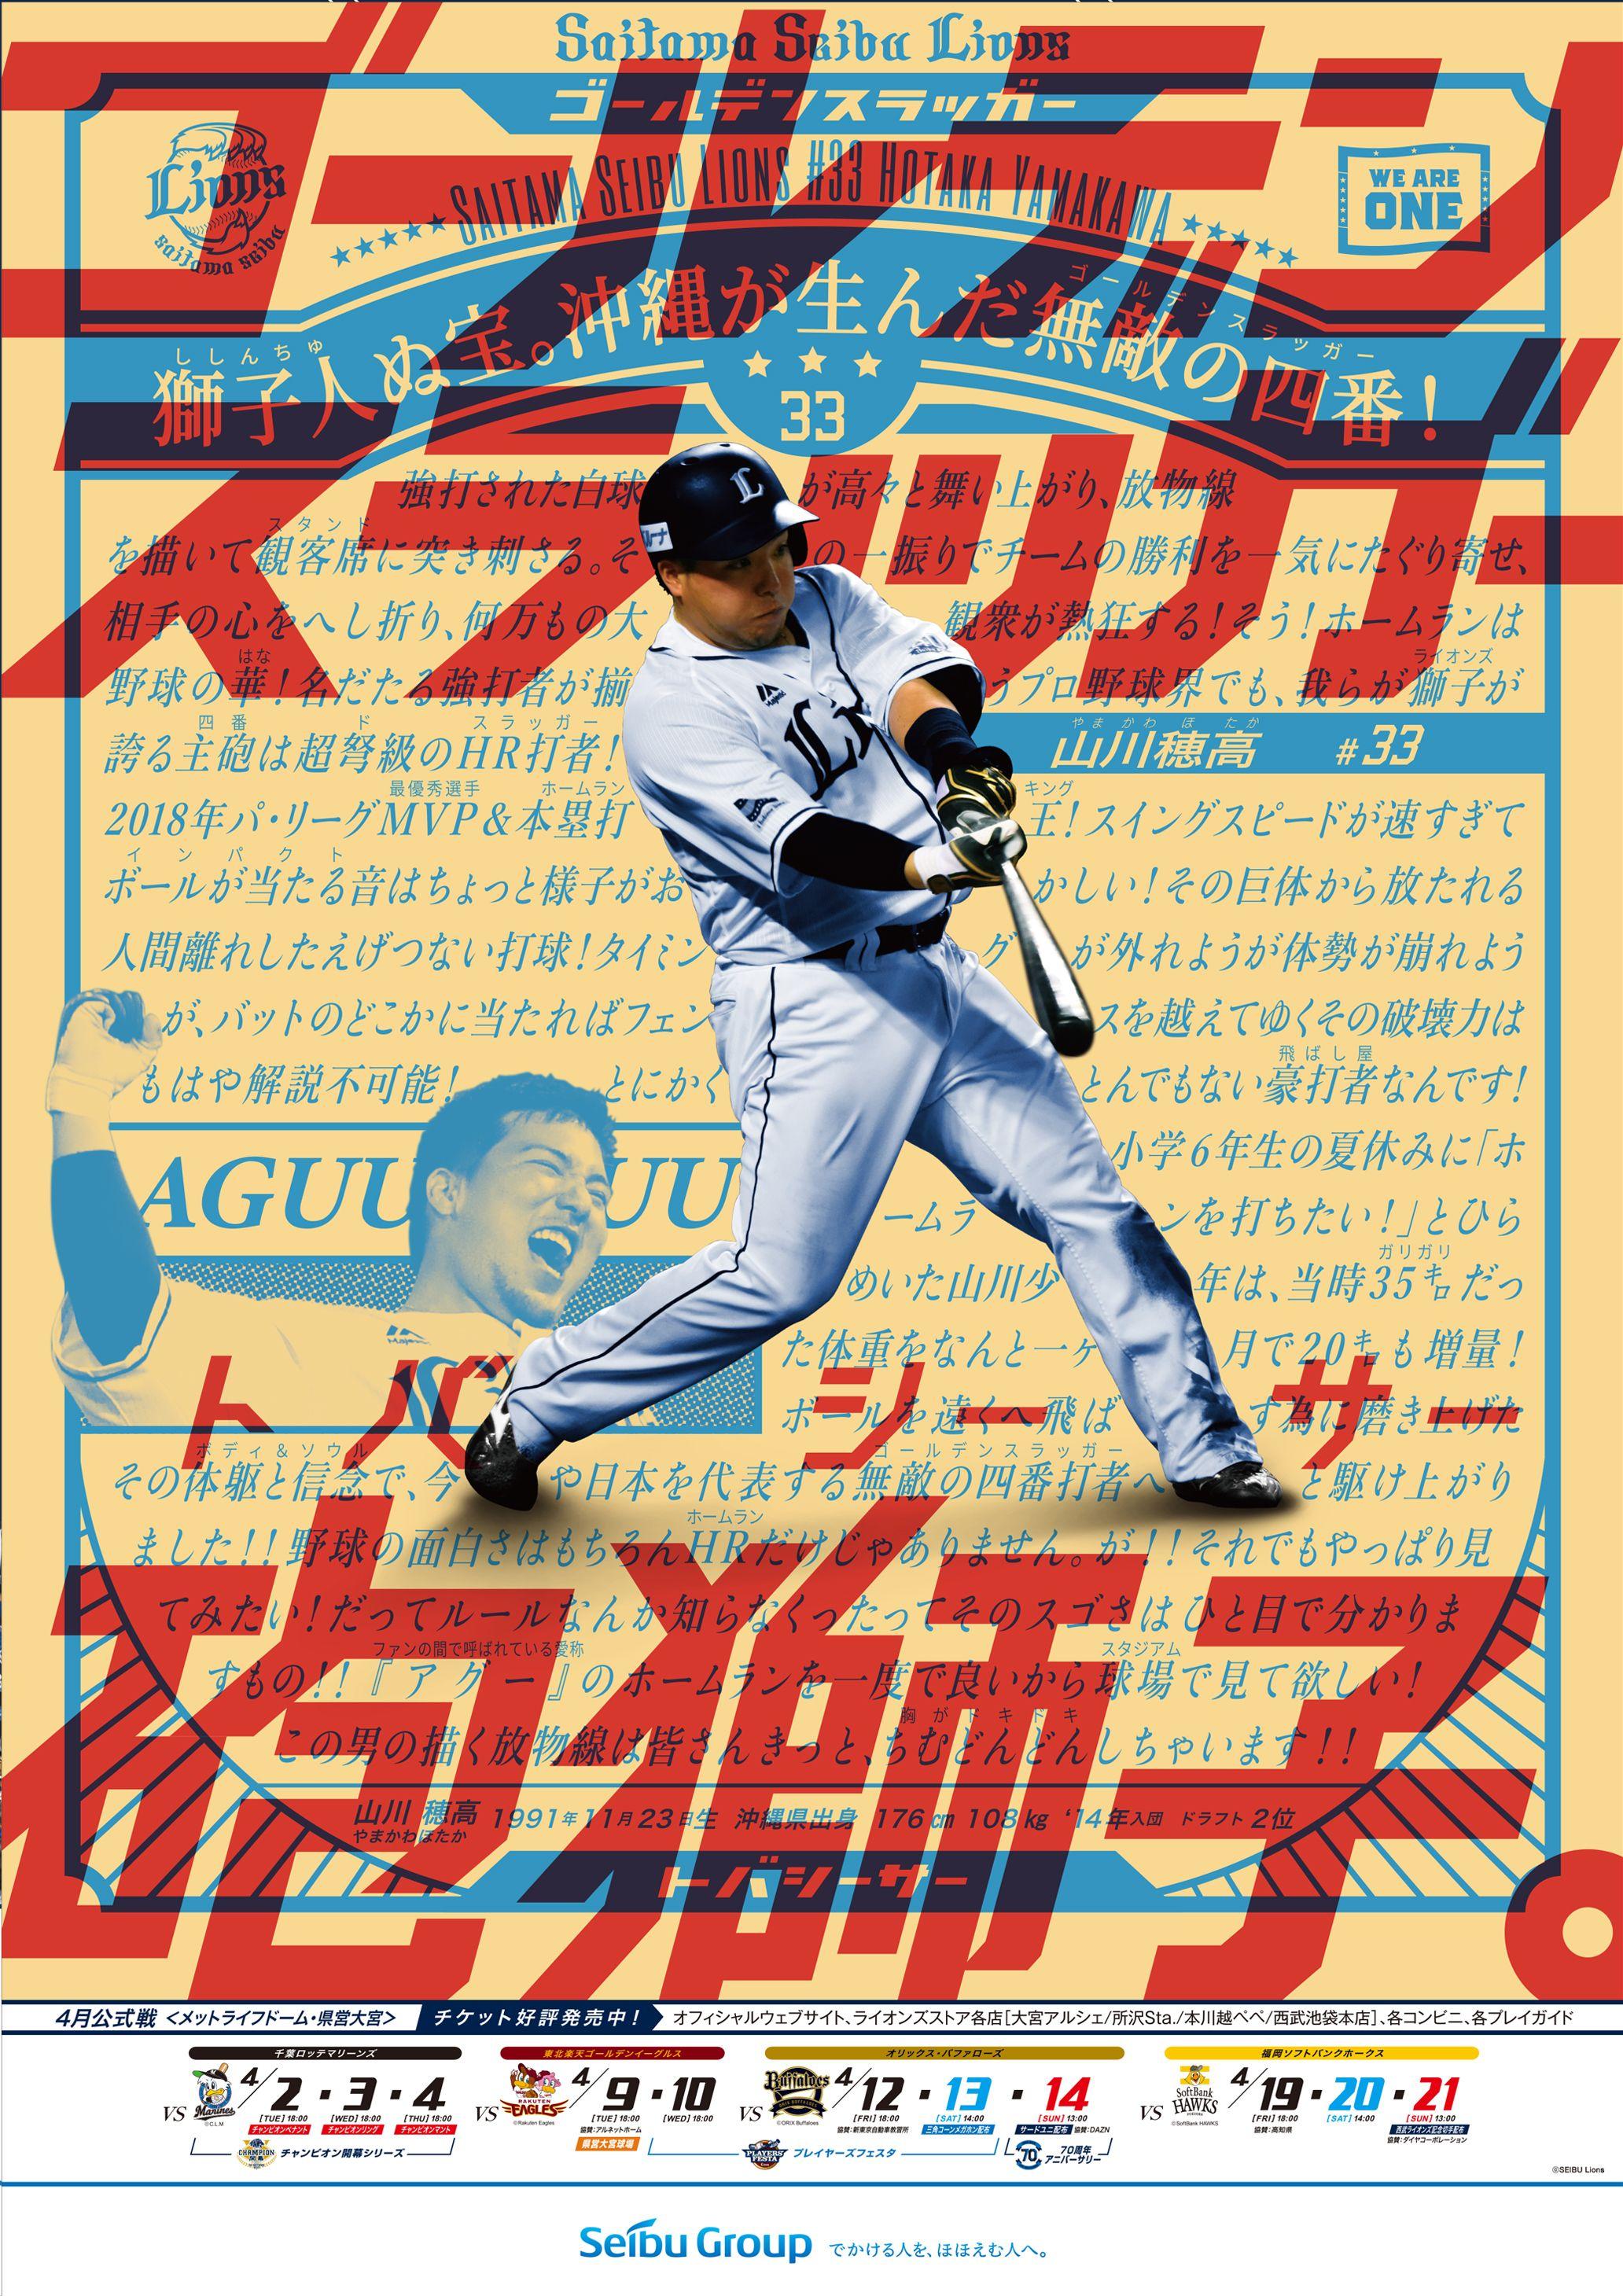 西武ライオンズ ポスター 2019 スポーツ グラフィックデザイン スポーツ ポスター ポスター